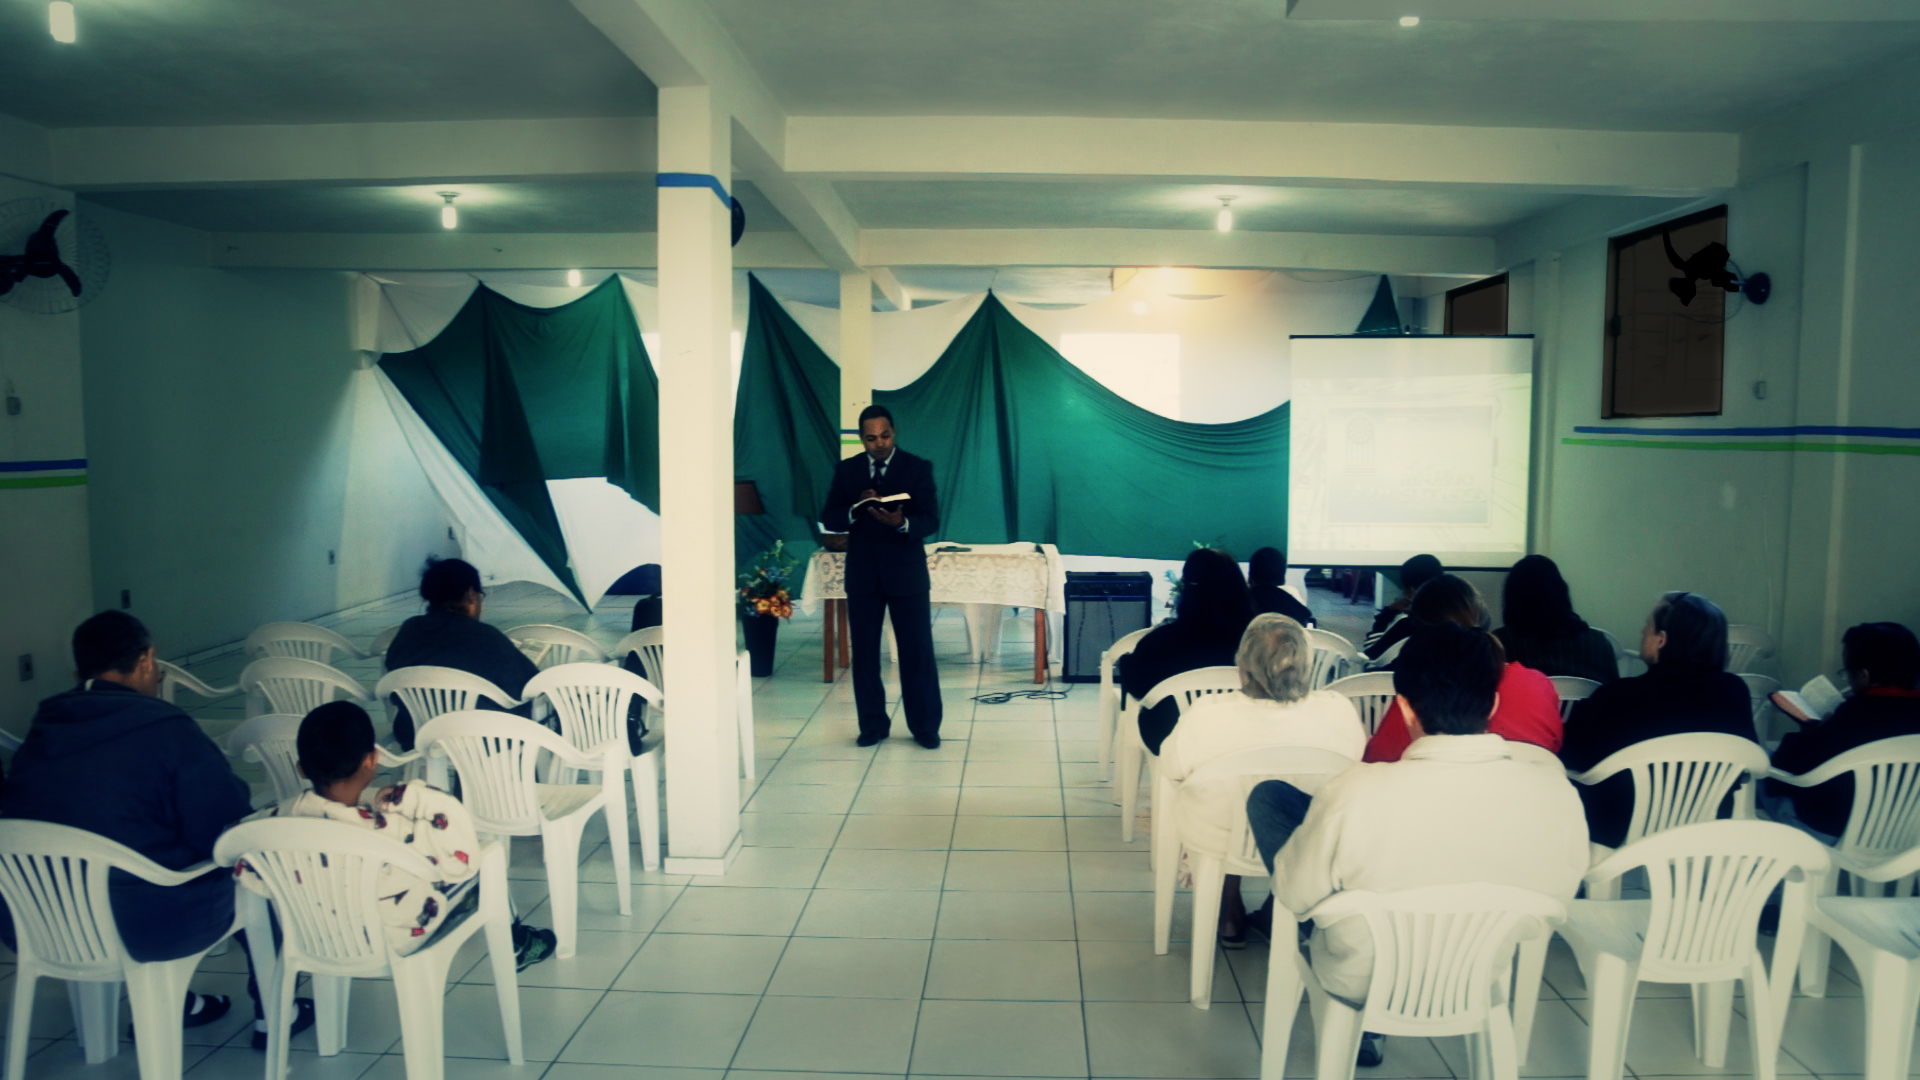 Evangelismo em Bicas, cidade a aproximadamente 43 quilômetros de Juiz de Fora.